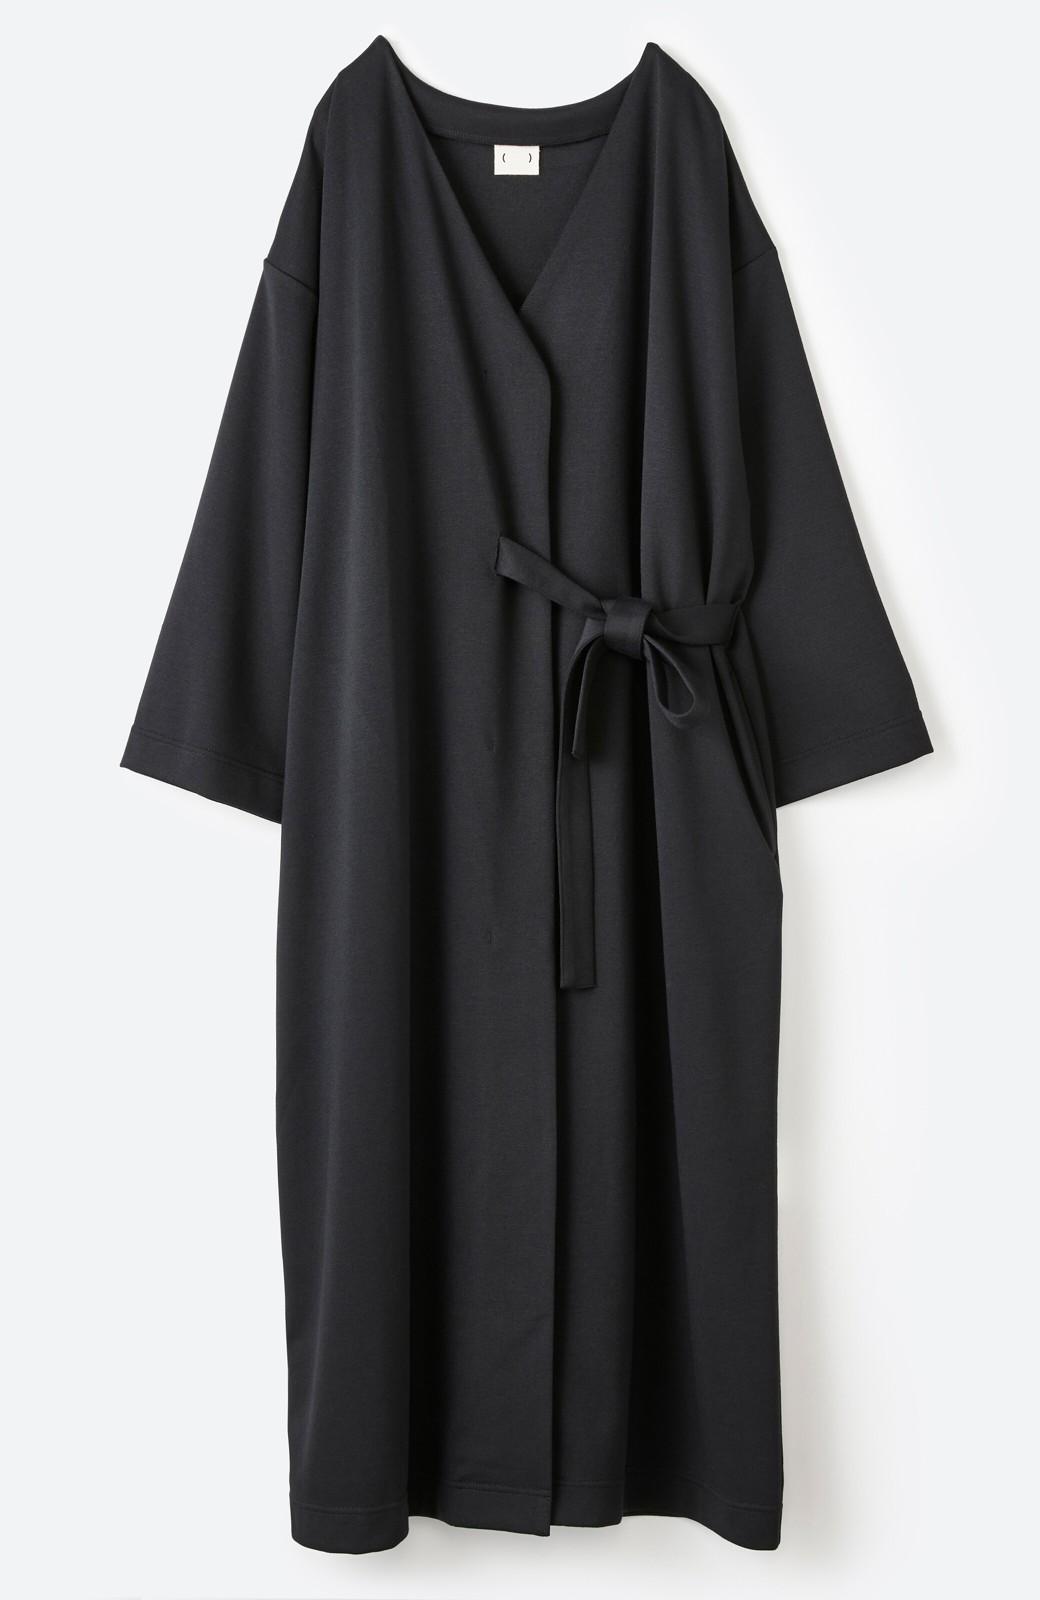 haco! サイドリボンと落ち感が女っぽい 羽織り&重ね着を楽しむカットソーワンピース <ブラック>の商品写真26